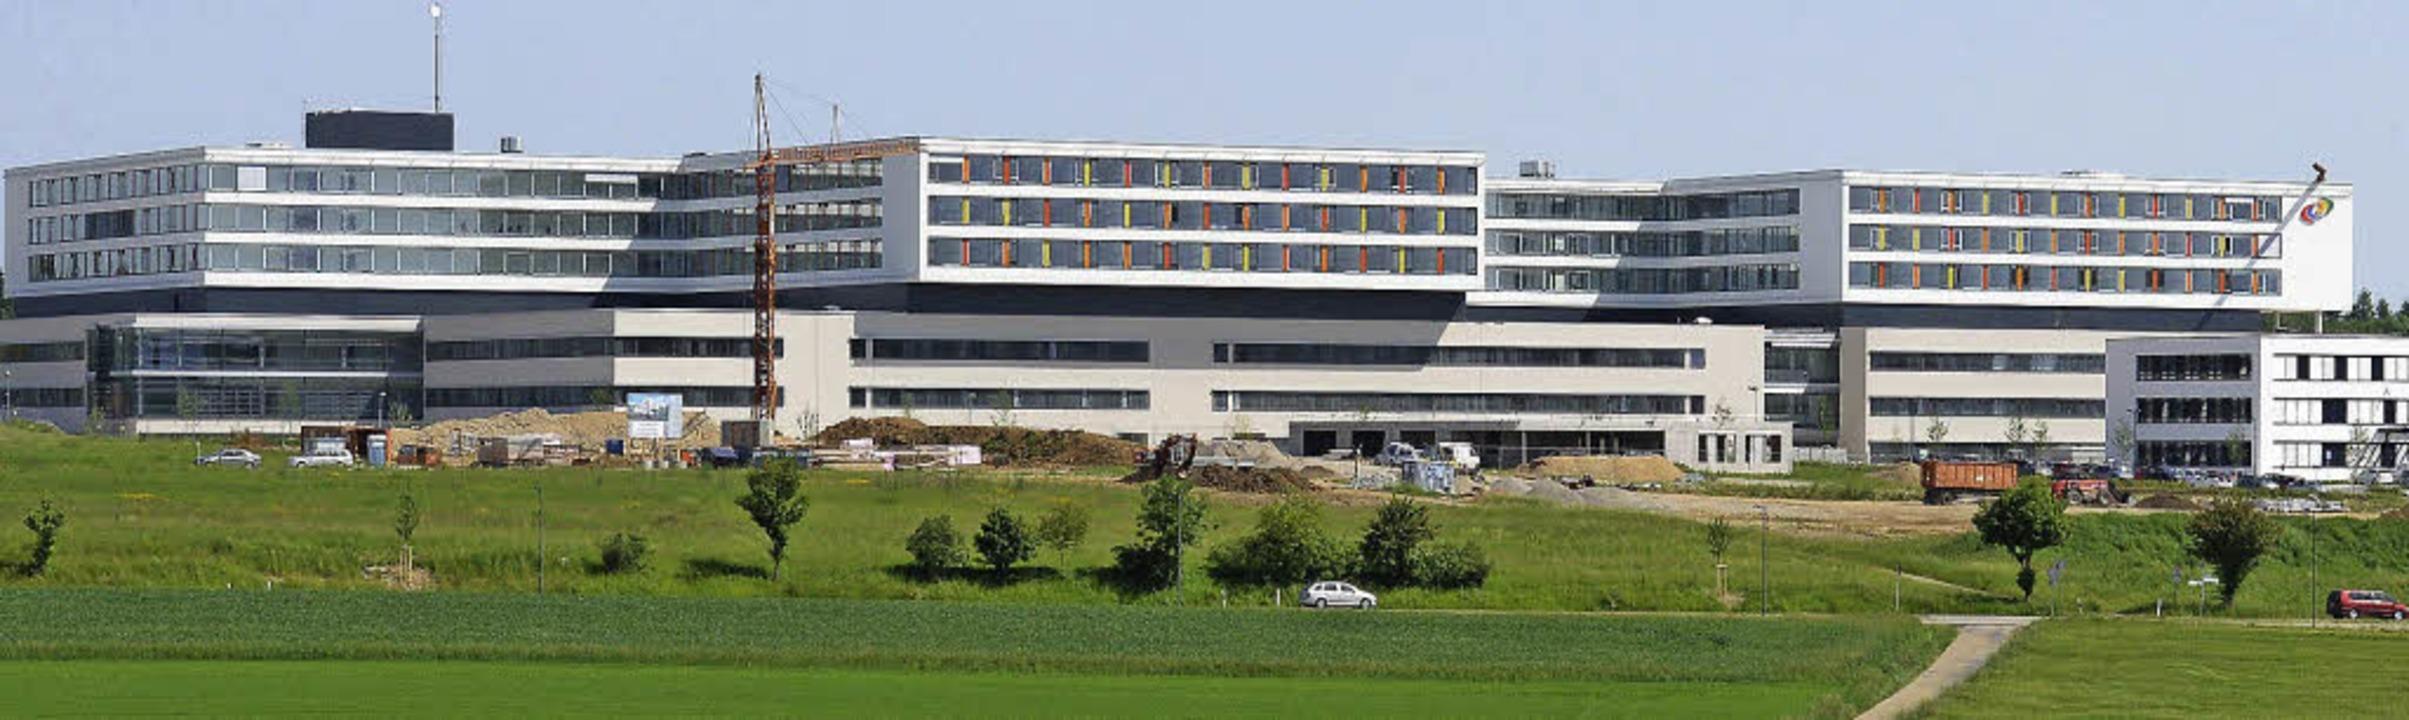 Ein Großklinikum eröffnet - Südwest - Badische Zeitung